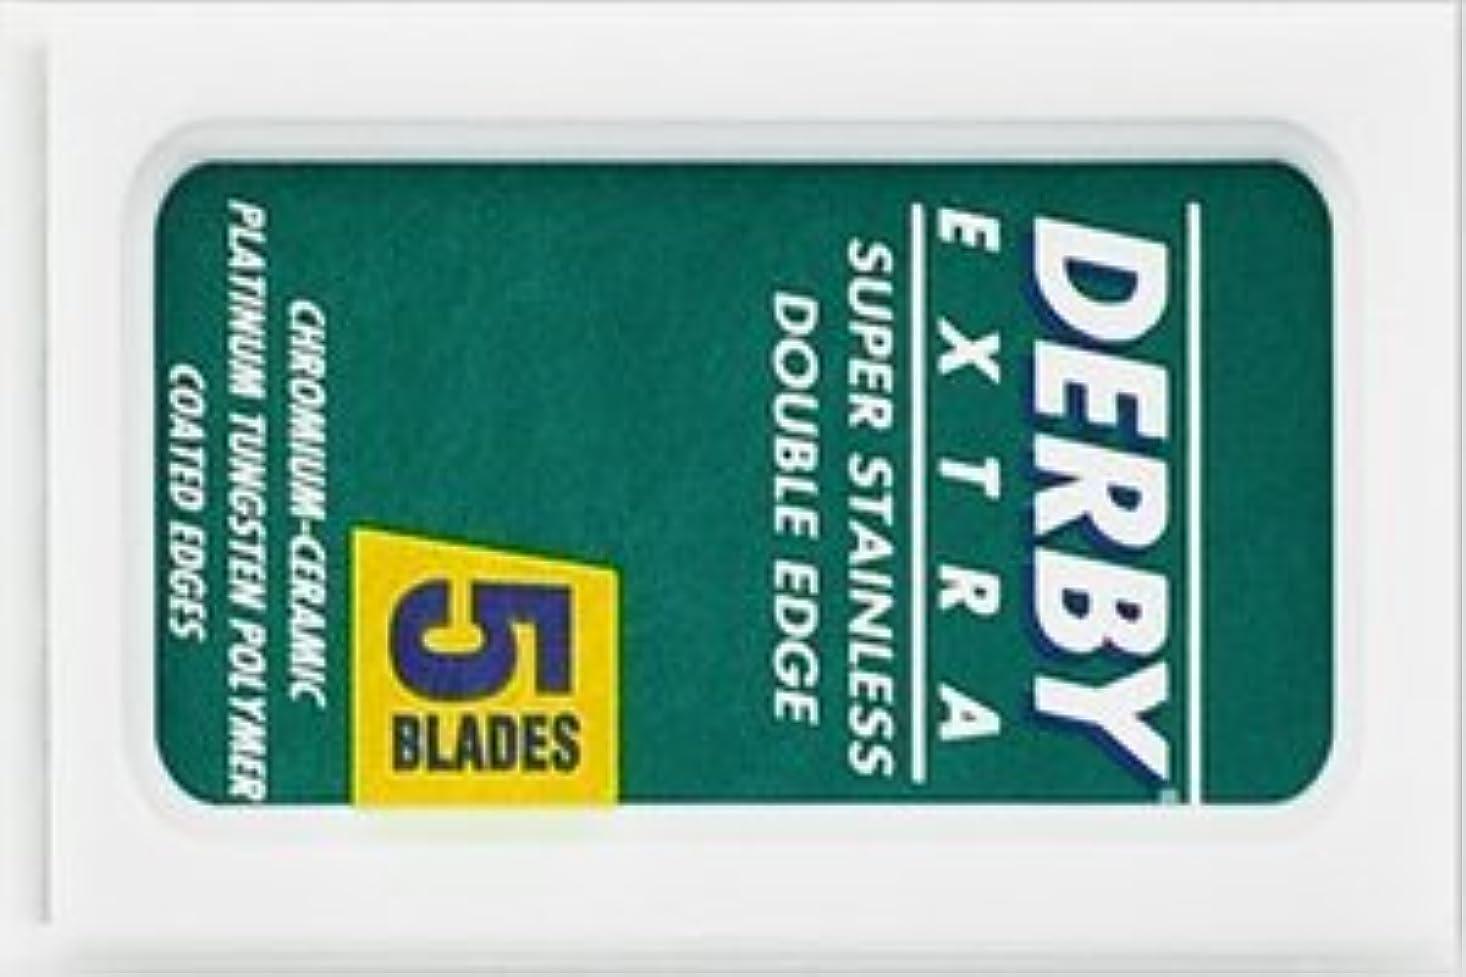 ヒロイックギャラリータイマーDerby Extra 両刃替刃 5枚入り(5枚入り1 個セット)【並行輸入品】